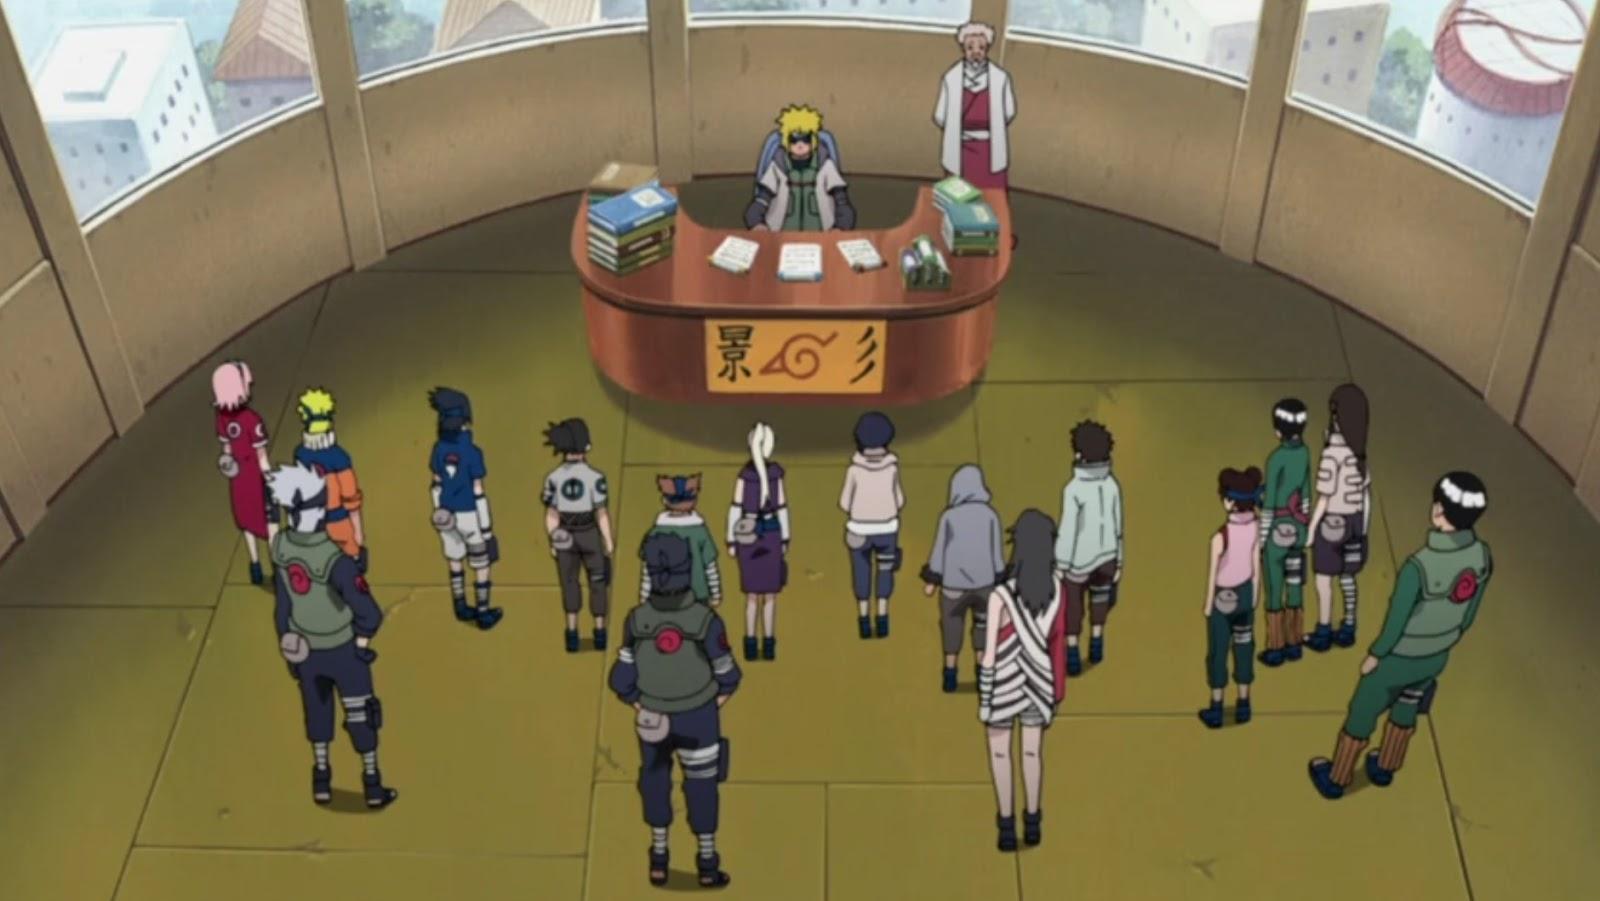 Naruto Shippuden Episódio 441, Assistir Naruto Shippuden Episódio 441, Assistir Naruto Shippuden Todos os Episódios Legendado, Naruto Shippuden episódio 441,HD